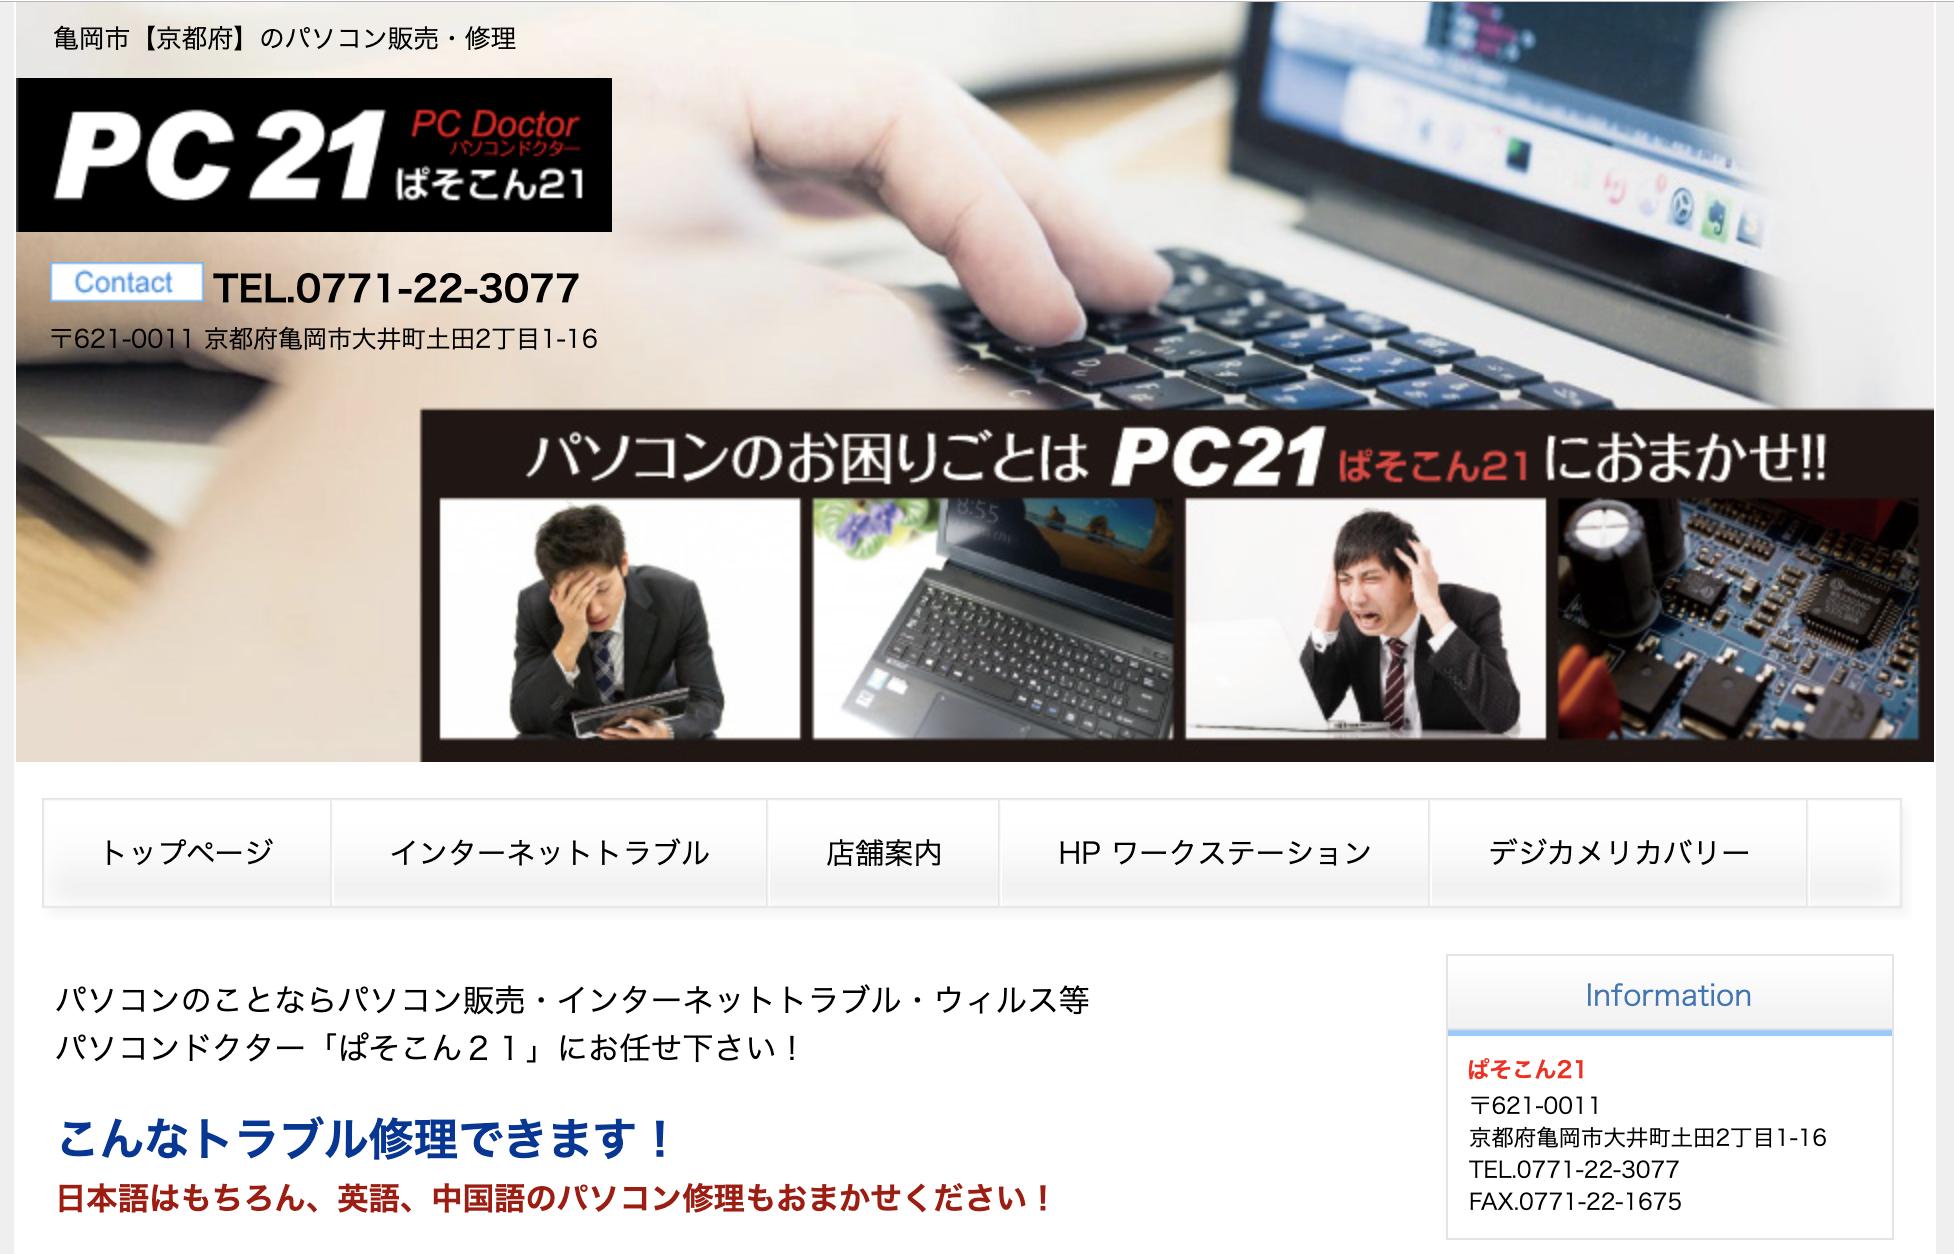 PC21(ぱそこん21)